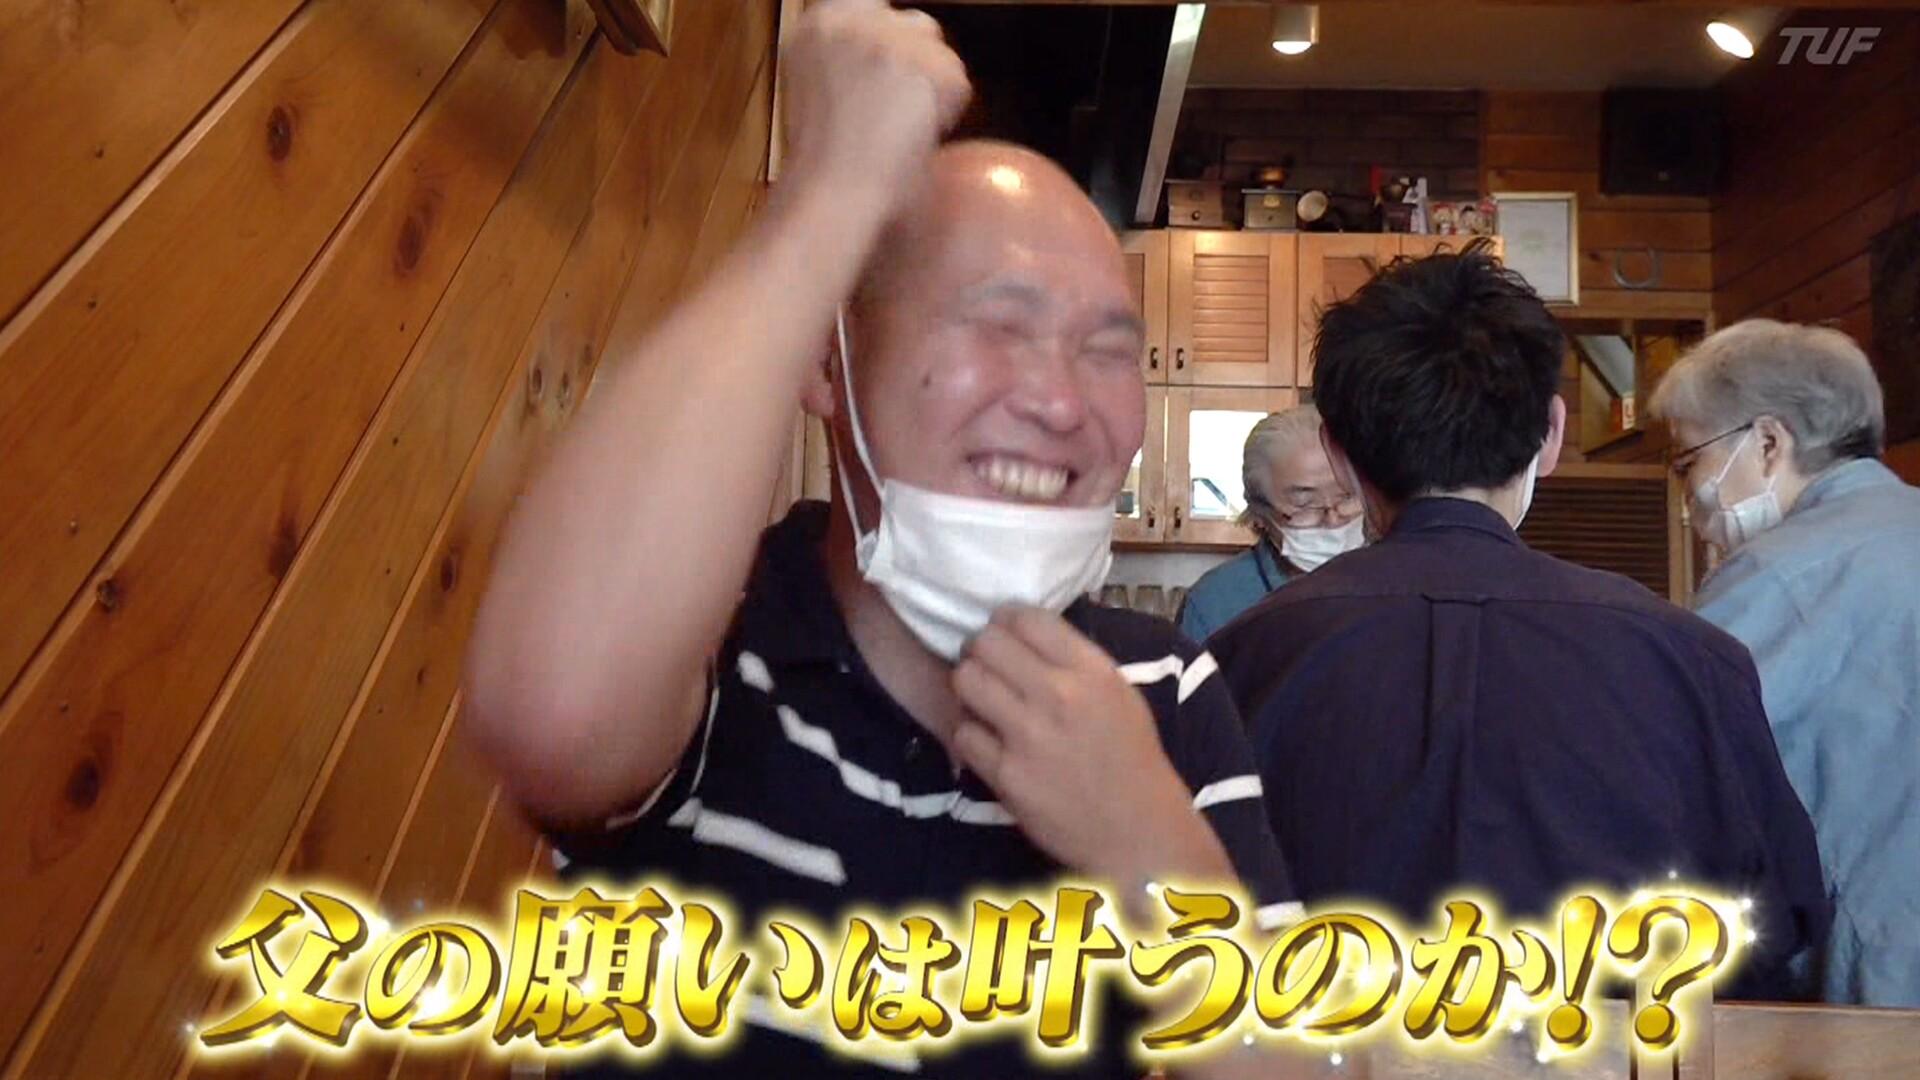 ロッテ・ドラ3廣畑敦也の親父さん、強烈なヤクルトファンだったwwww